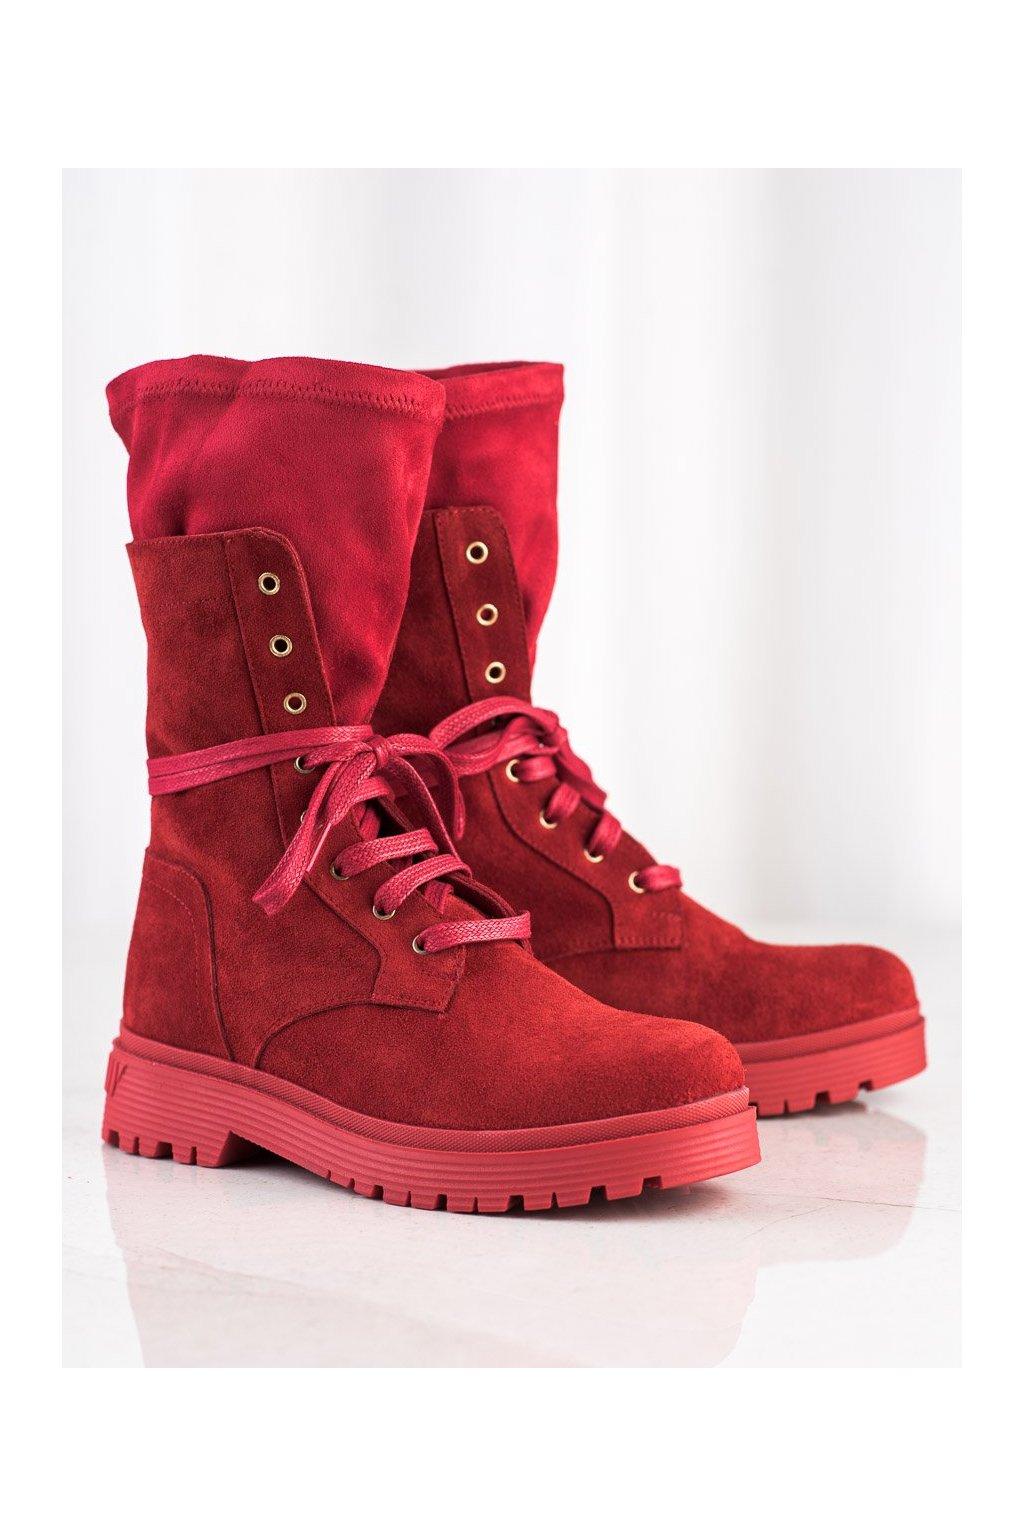 Červené dámske topánky Artiker kod 47C0549R